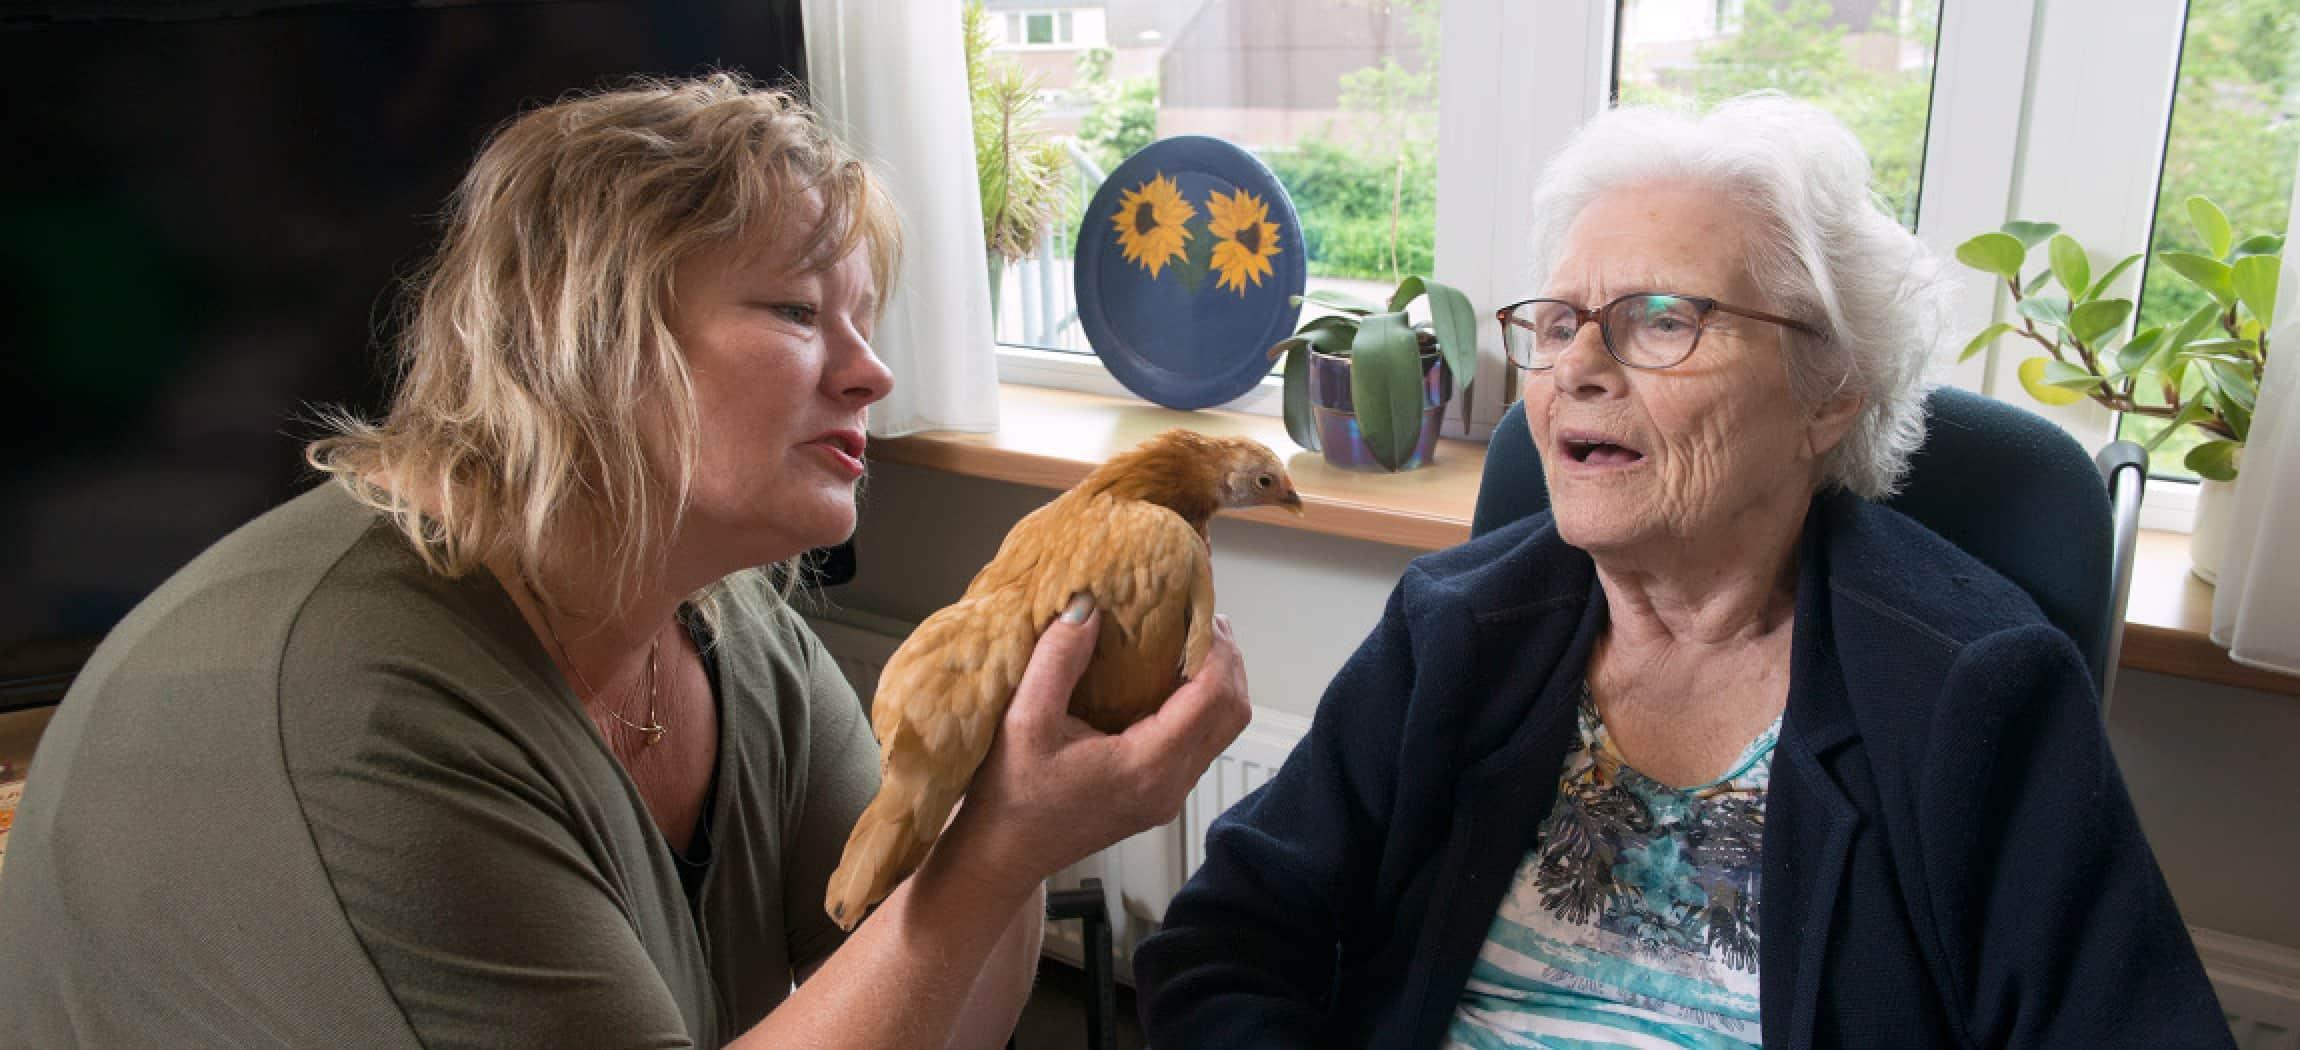 Oudere vrouw in verpleeghuis kijkt naar kip in handen van dierenbegeleider